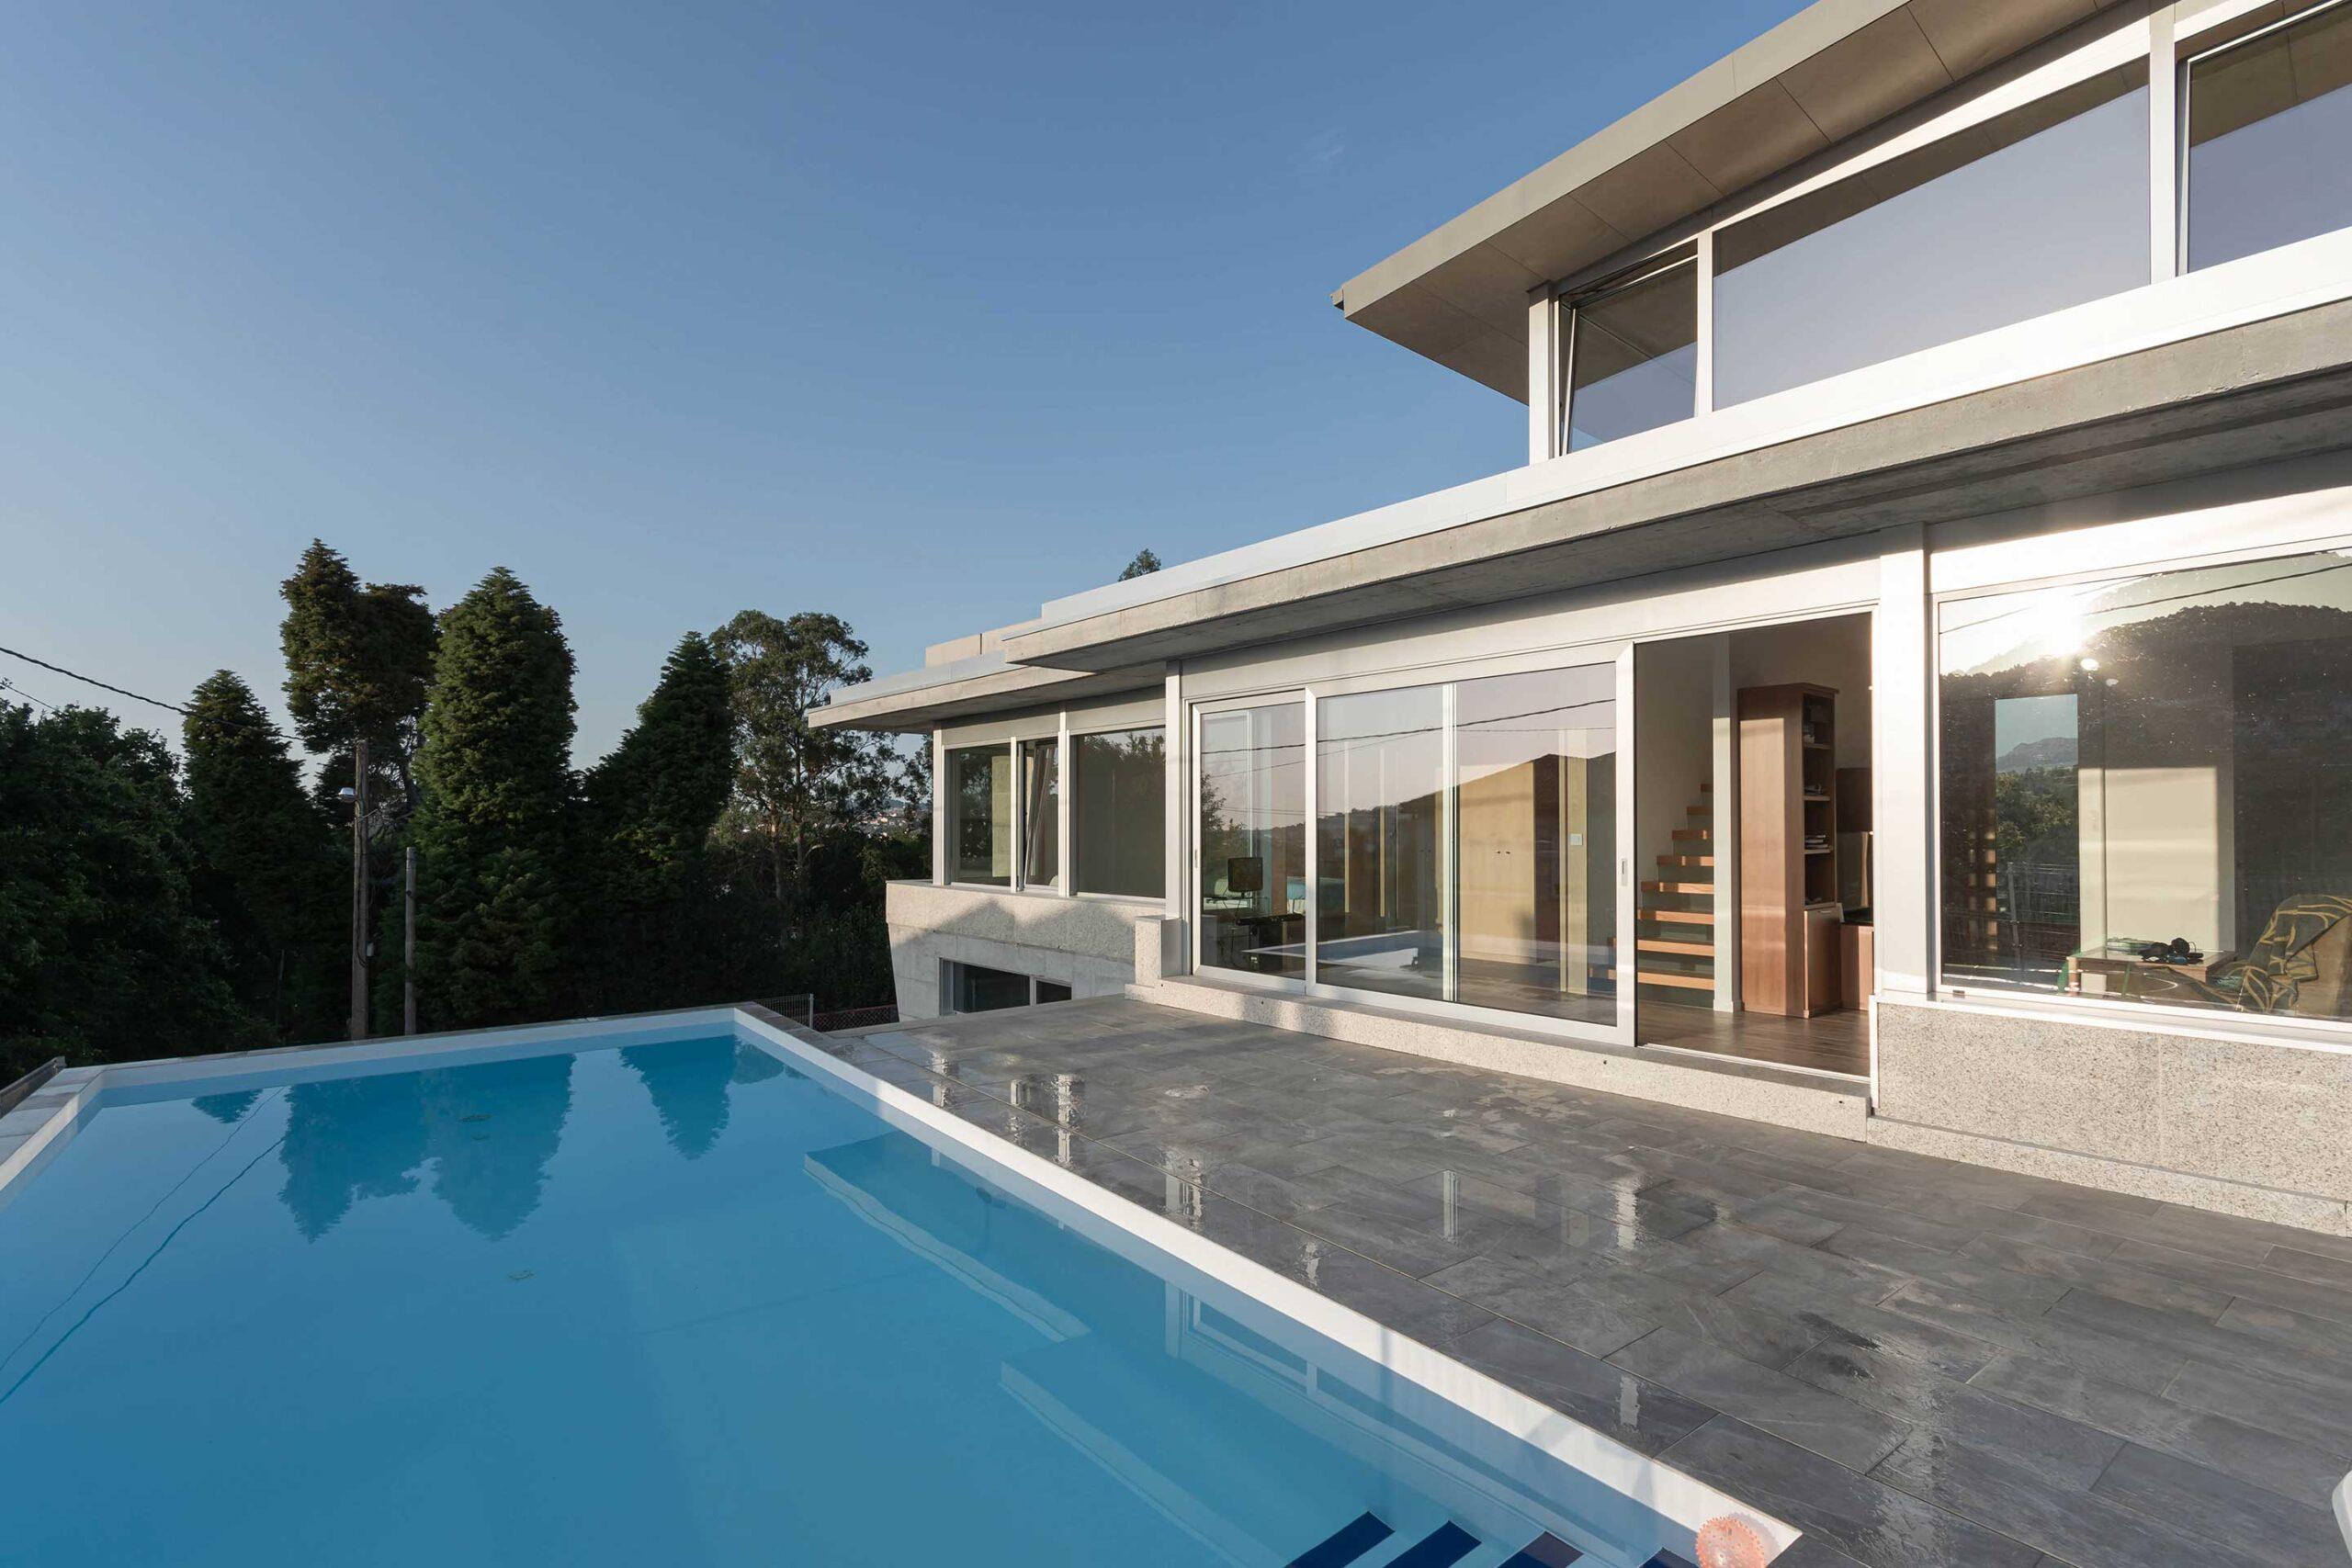 Villa en Bayona - Fotografía de interiores